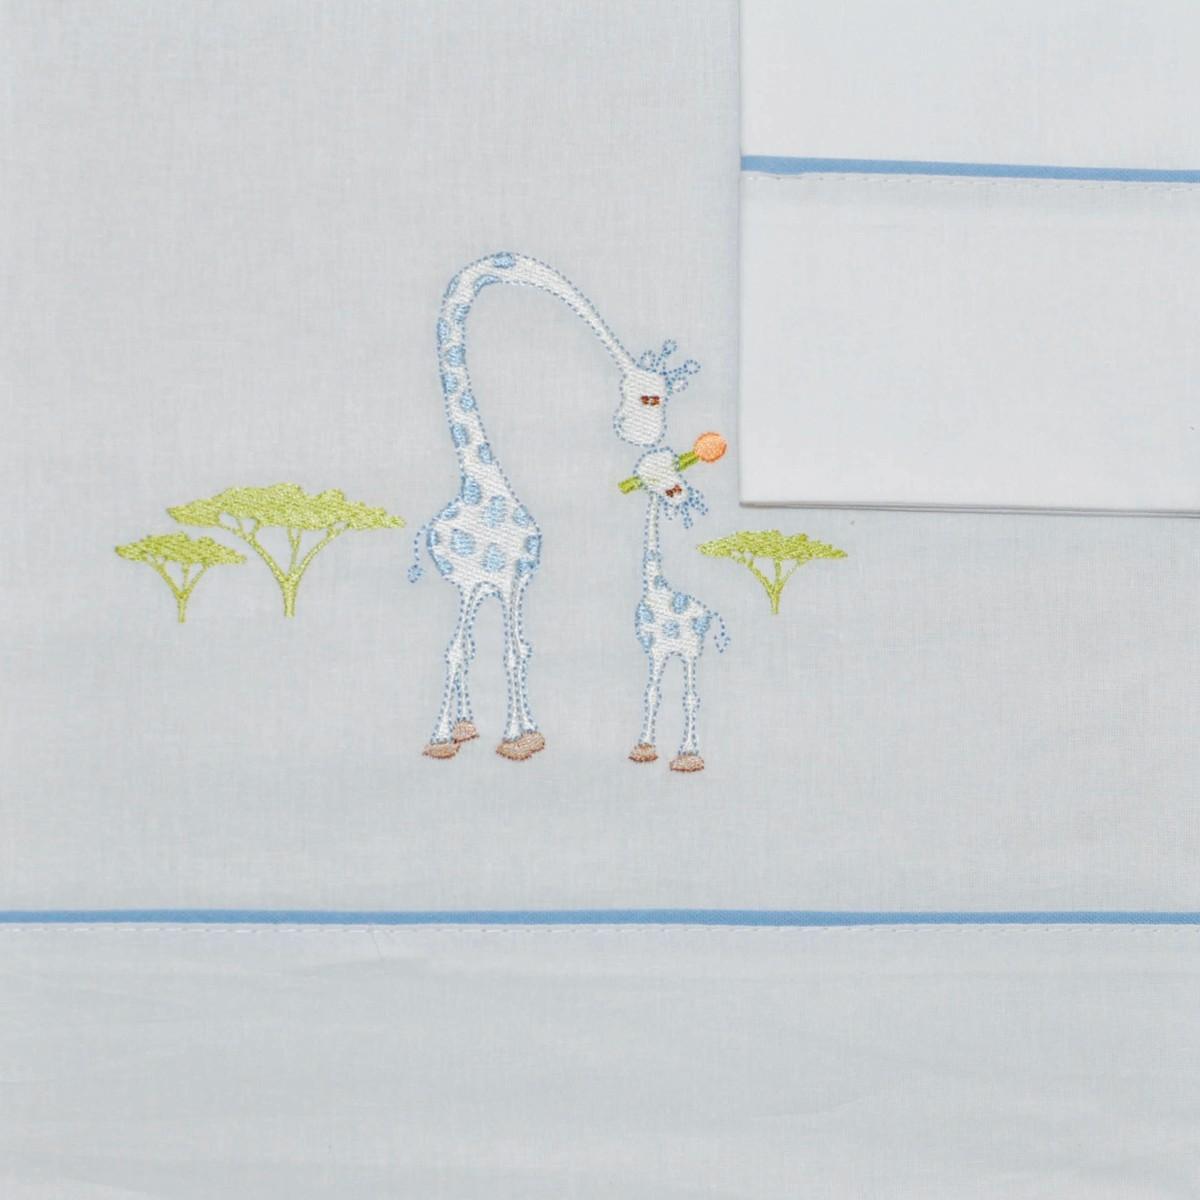 Σεντόνια Κούνιας (Σετ) Morven 621 Blue